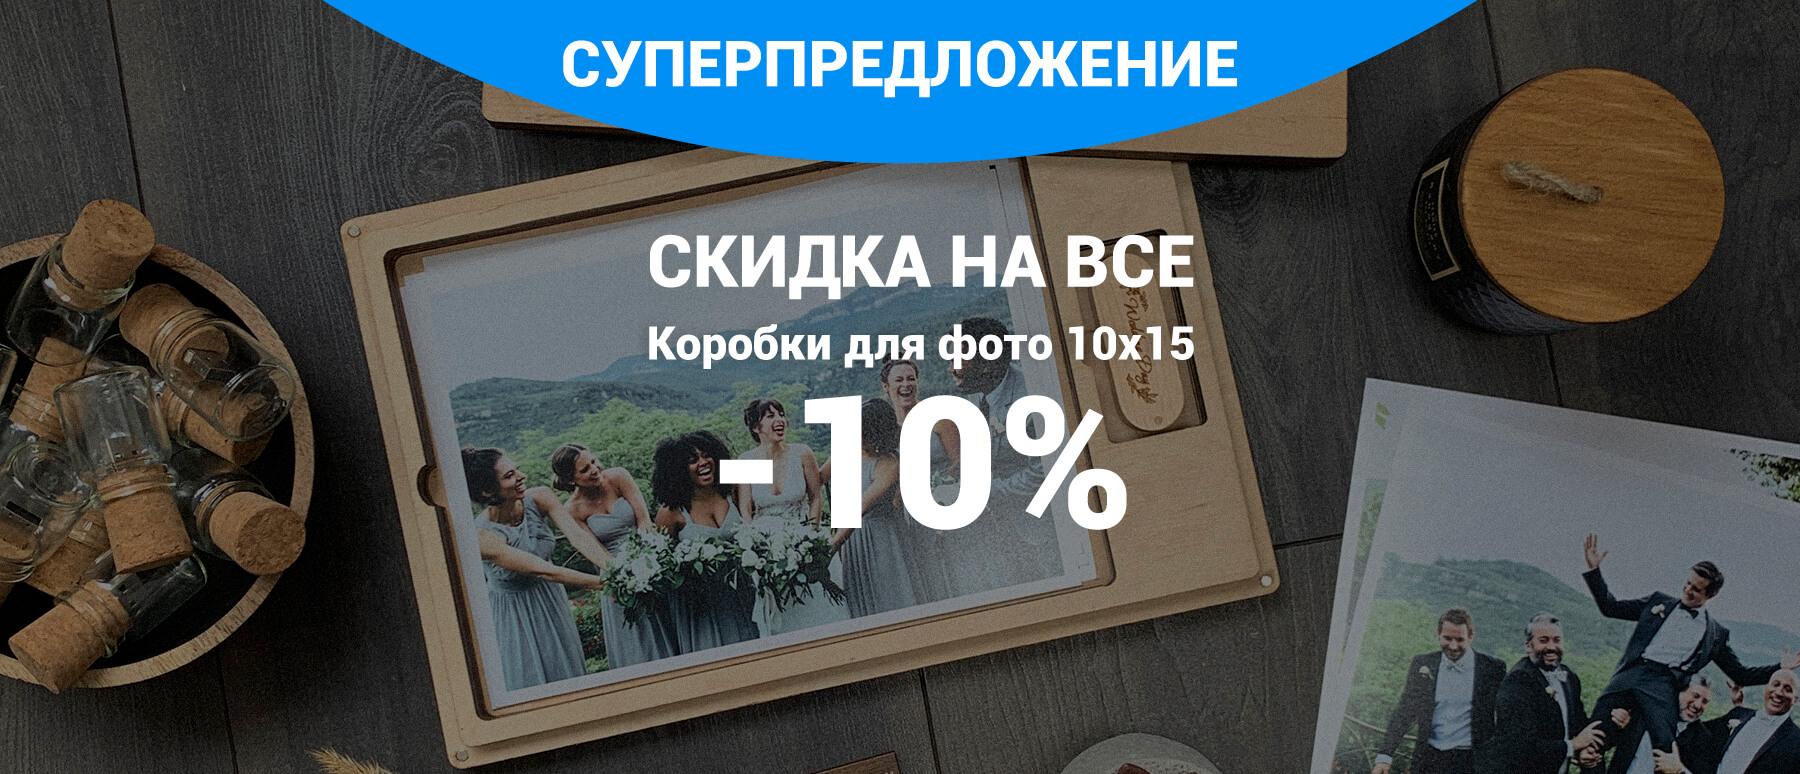 sale_10x15_banner